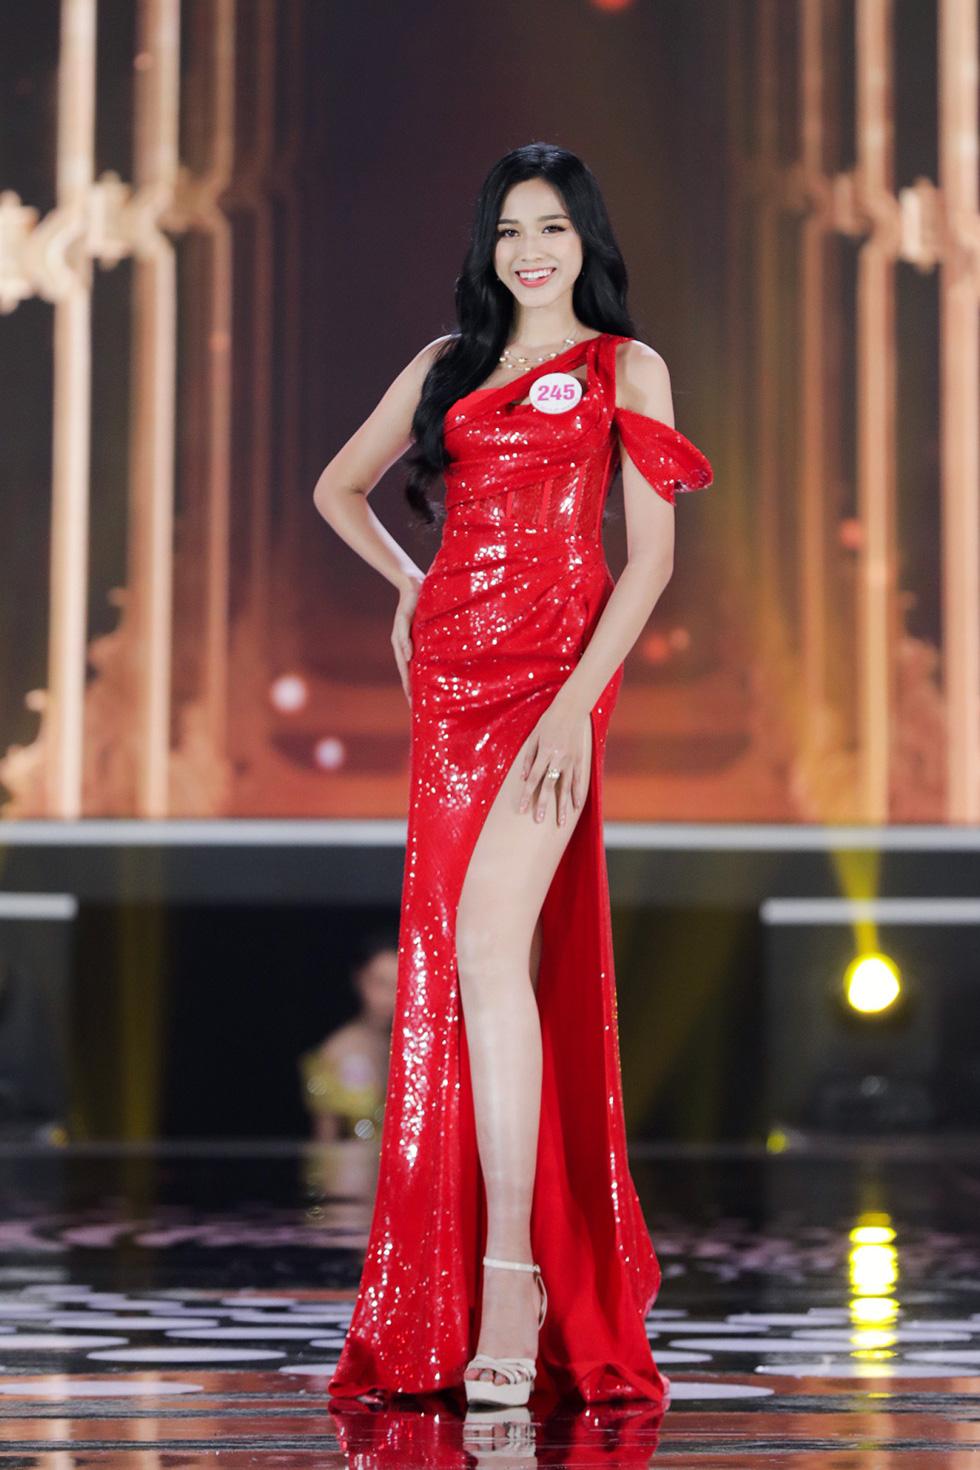 Tân Hoa hậu Việt Nam: Dù có là hình mẫu hay không, tôi sẽ truyền cảm hứng cho giới trẻ - Ảnh 6.